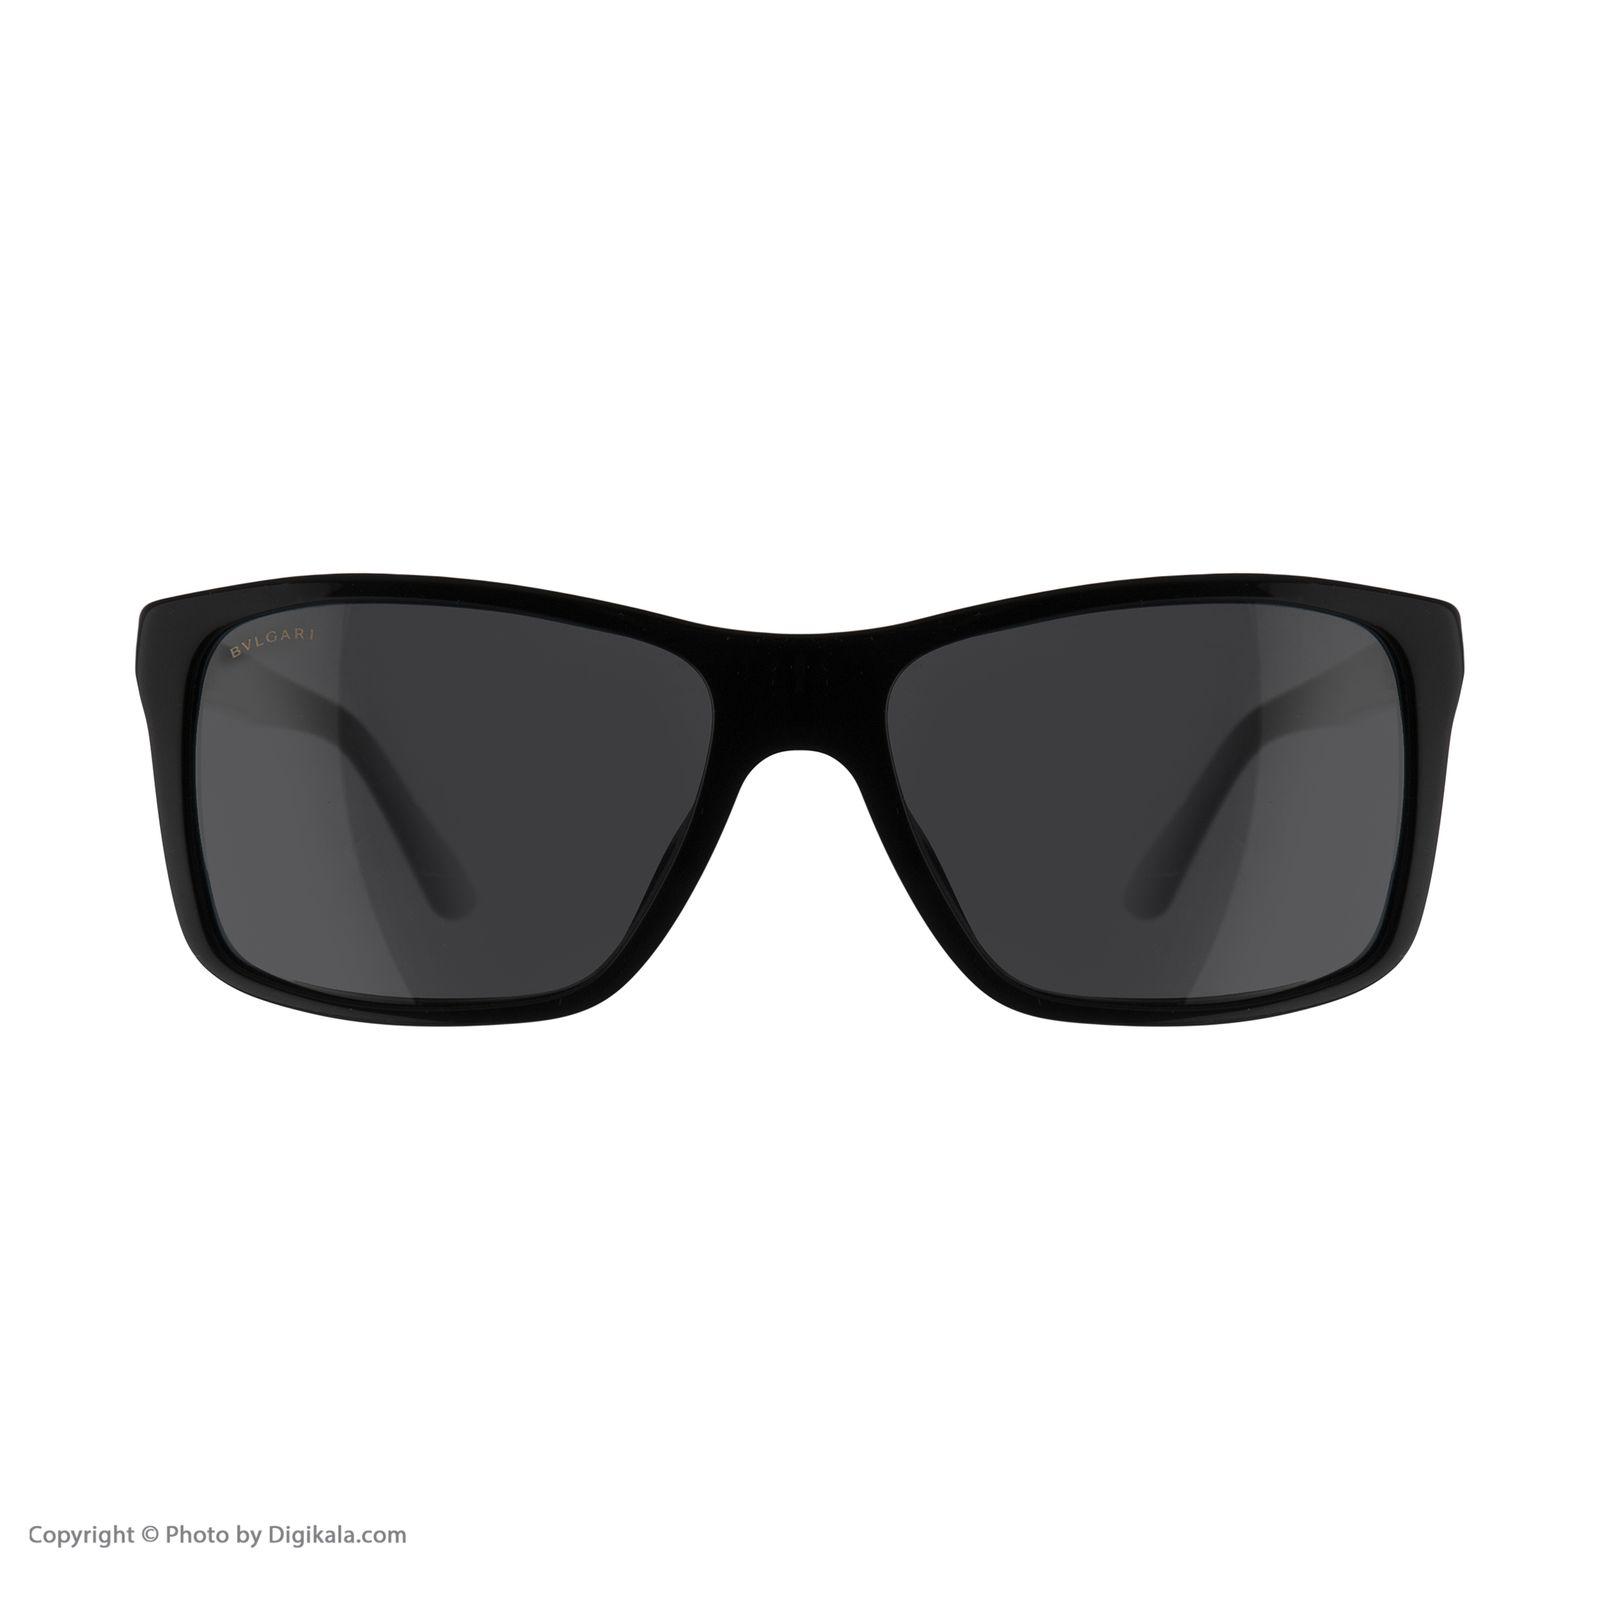 عینک آفتابی زنانه بولگاری مدل BV7015S 50187 -  - 3